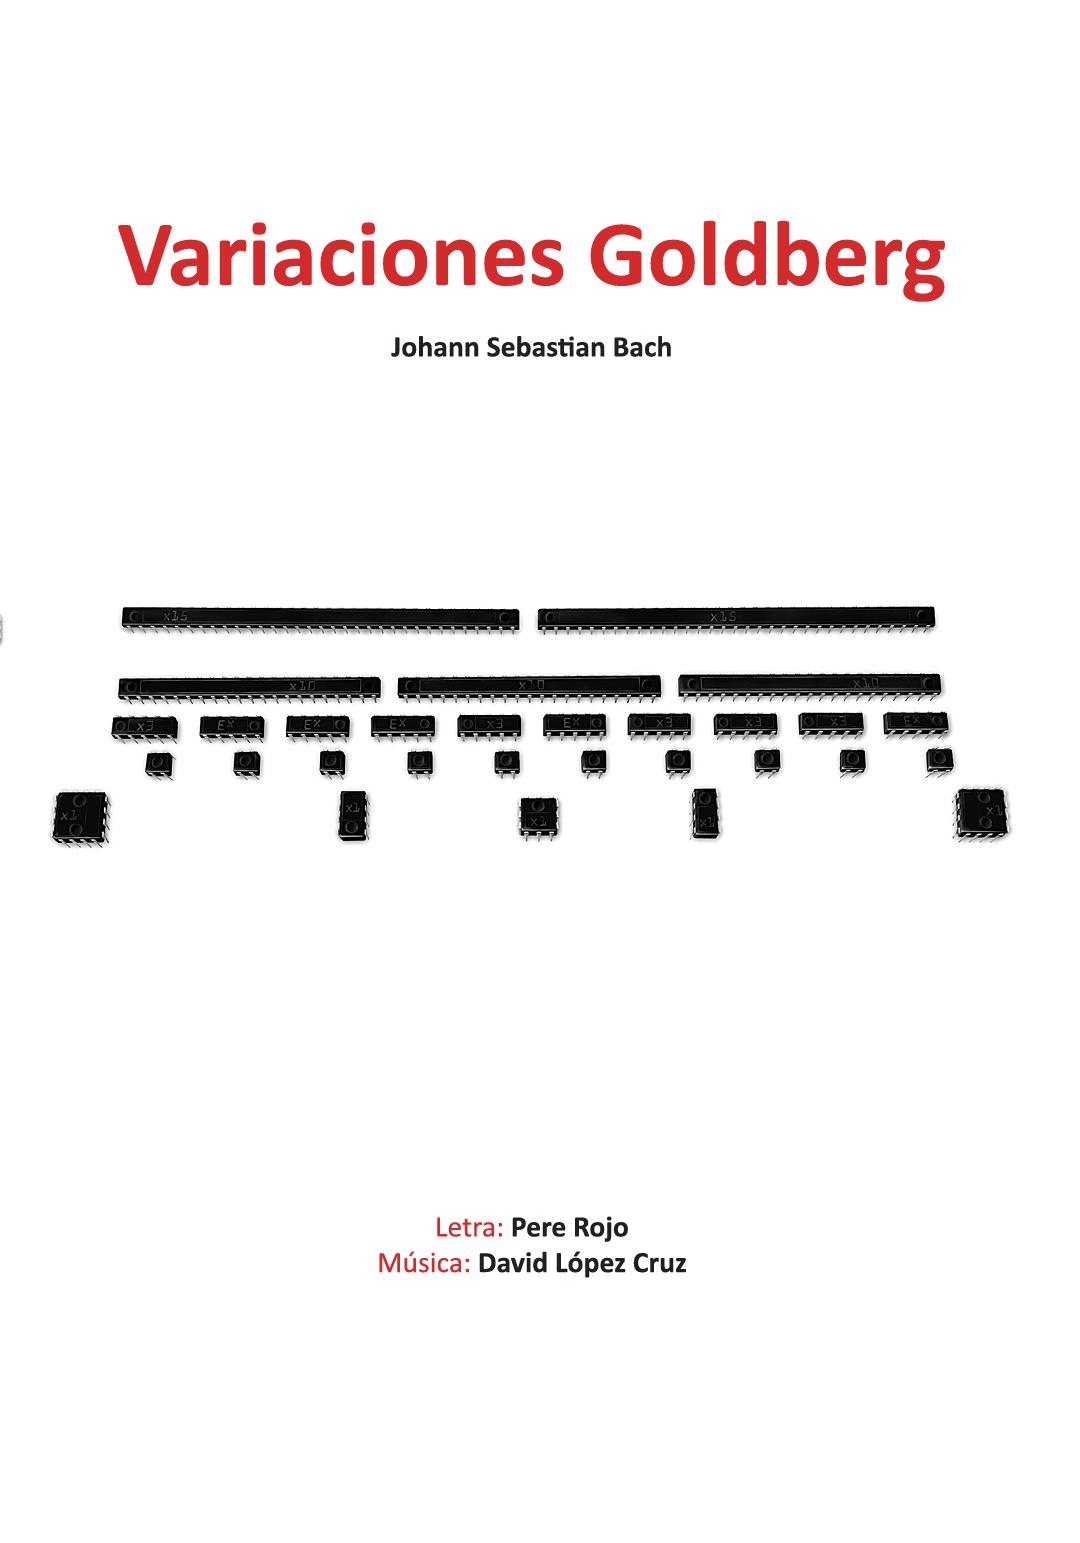 VARIACIONES GOLDBERG de David López y Pere Rojo Teatro Moderno